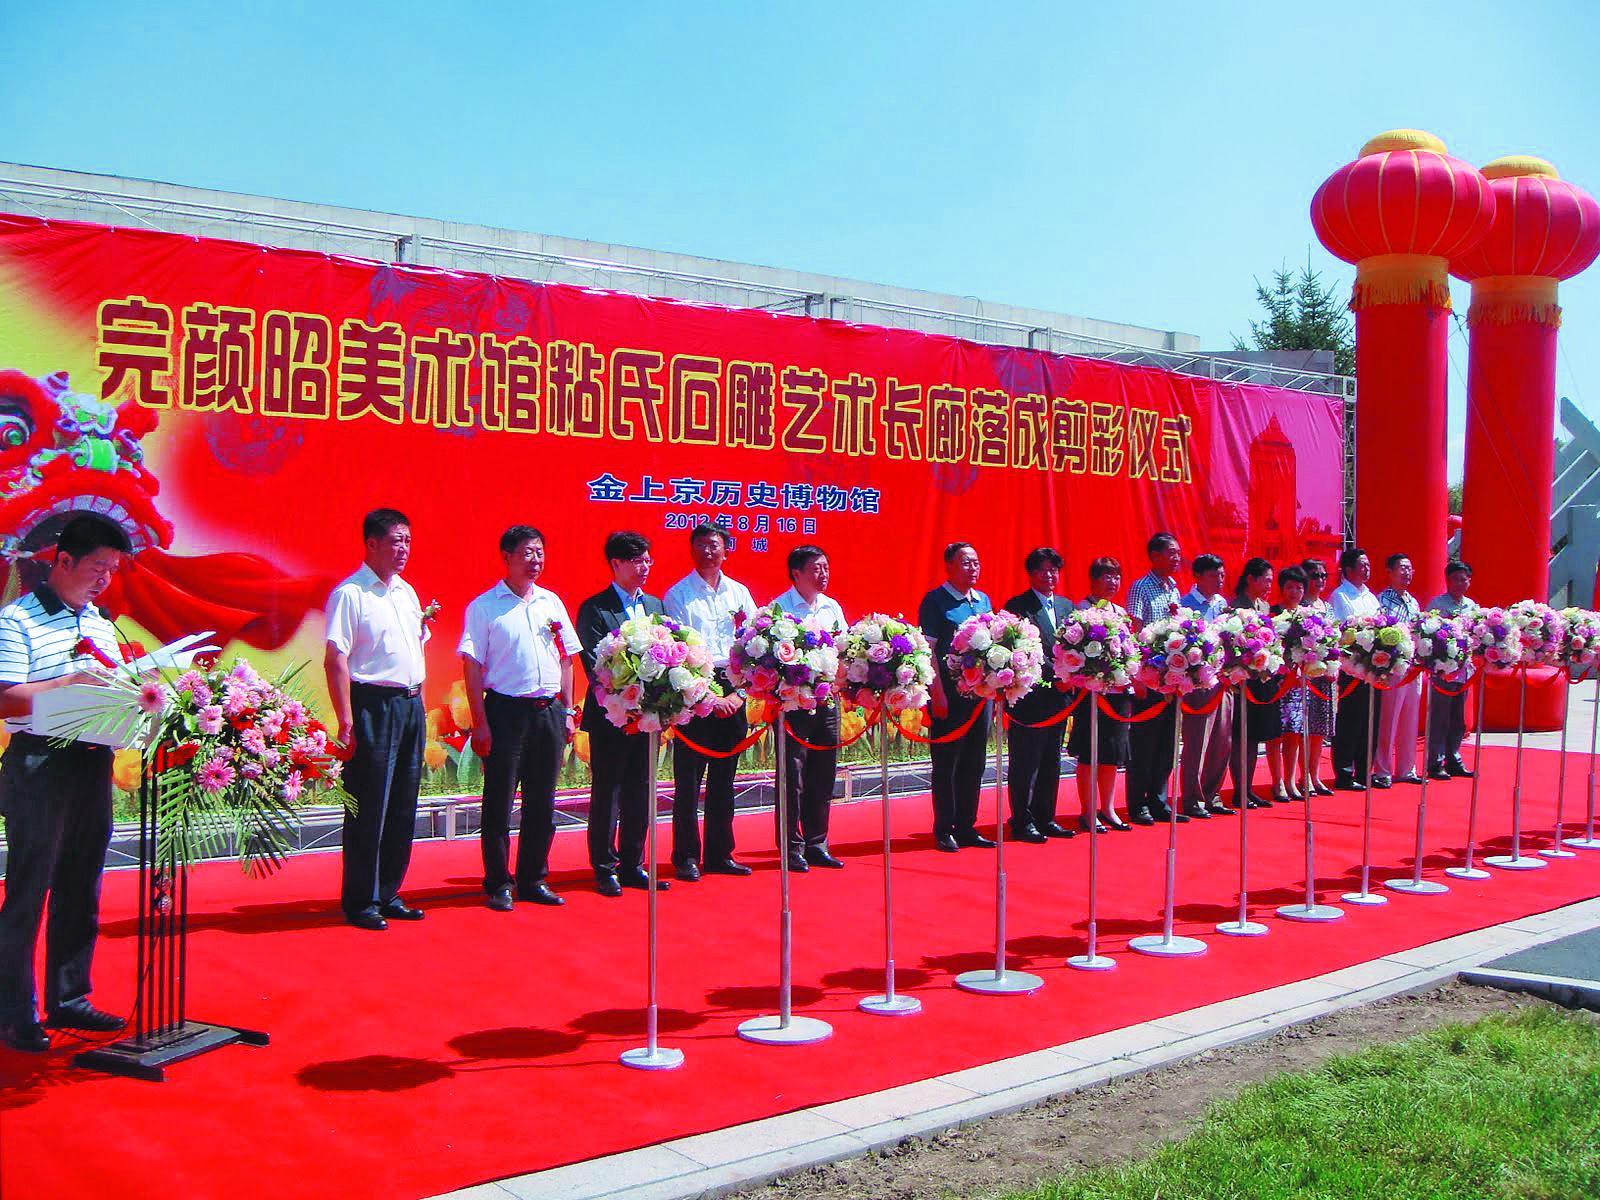 2012年8月中国ハルピンにて 王昭美術館開会式典